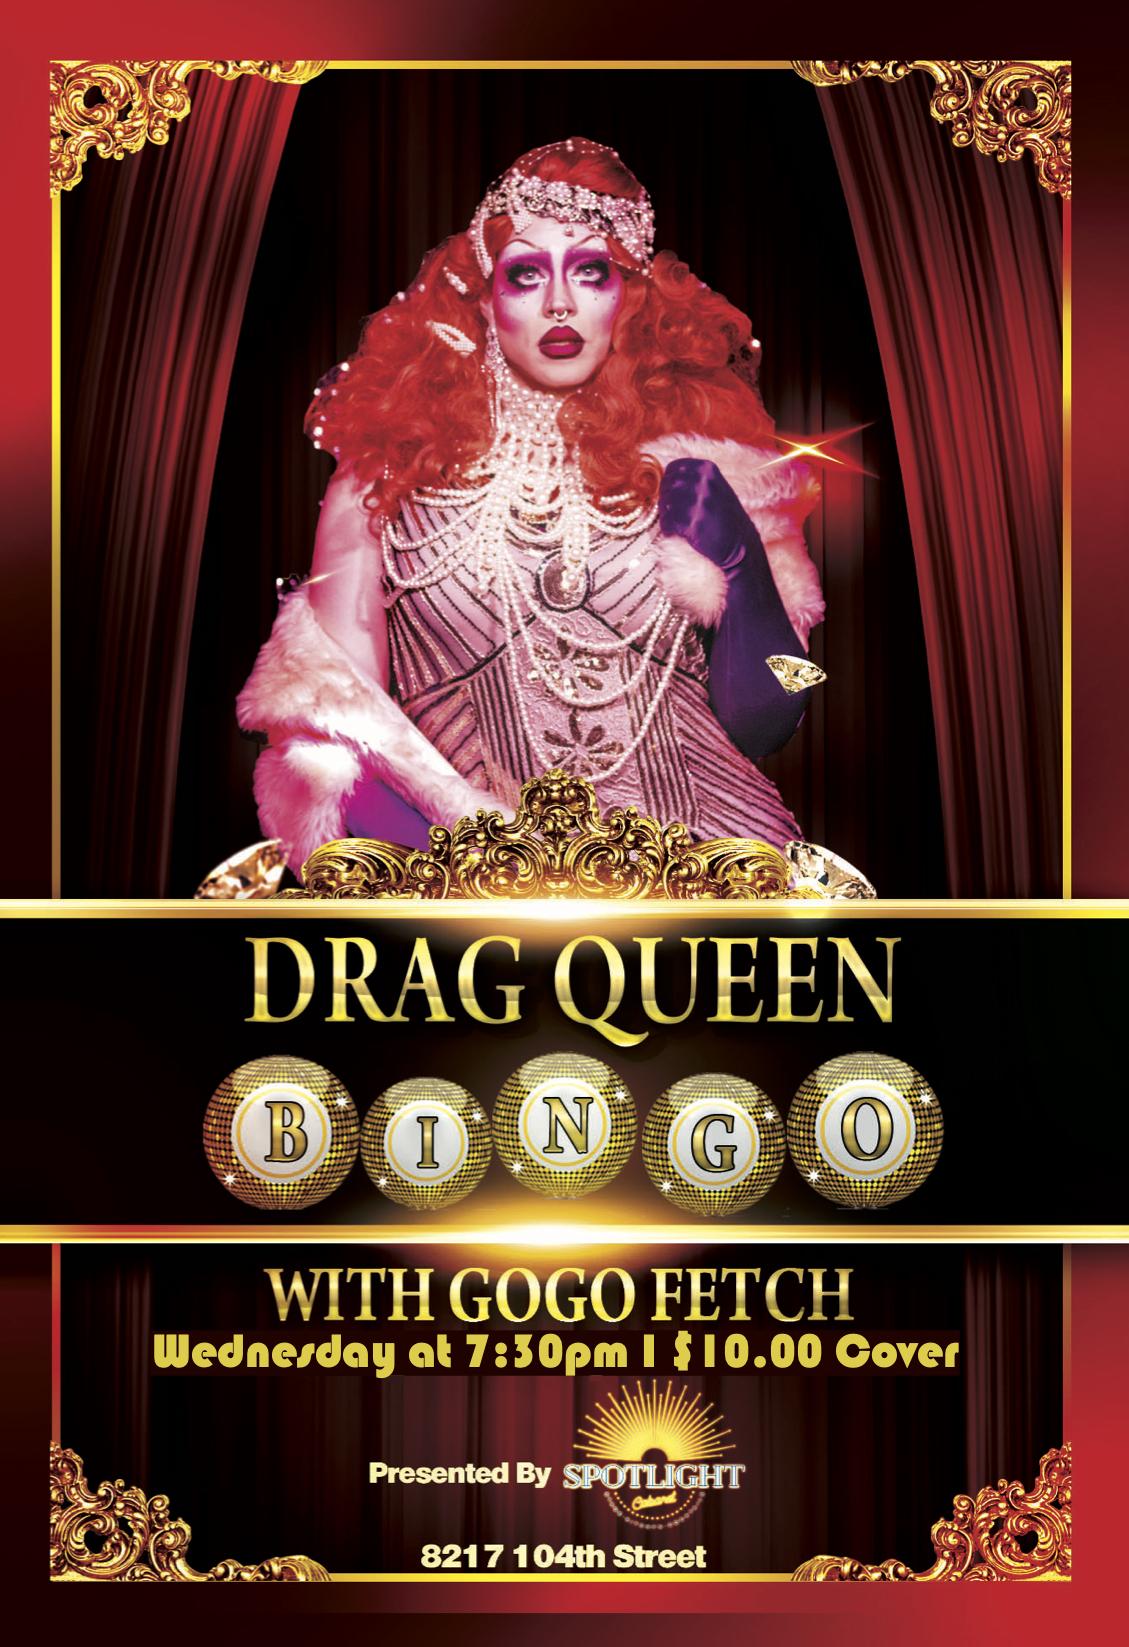 Drag Queen Bingo - 8 TIX LEFT